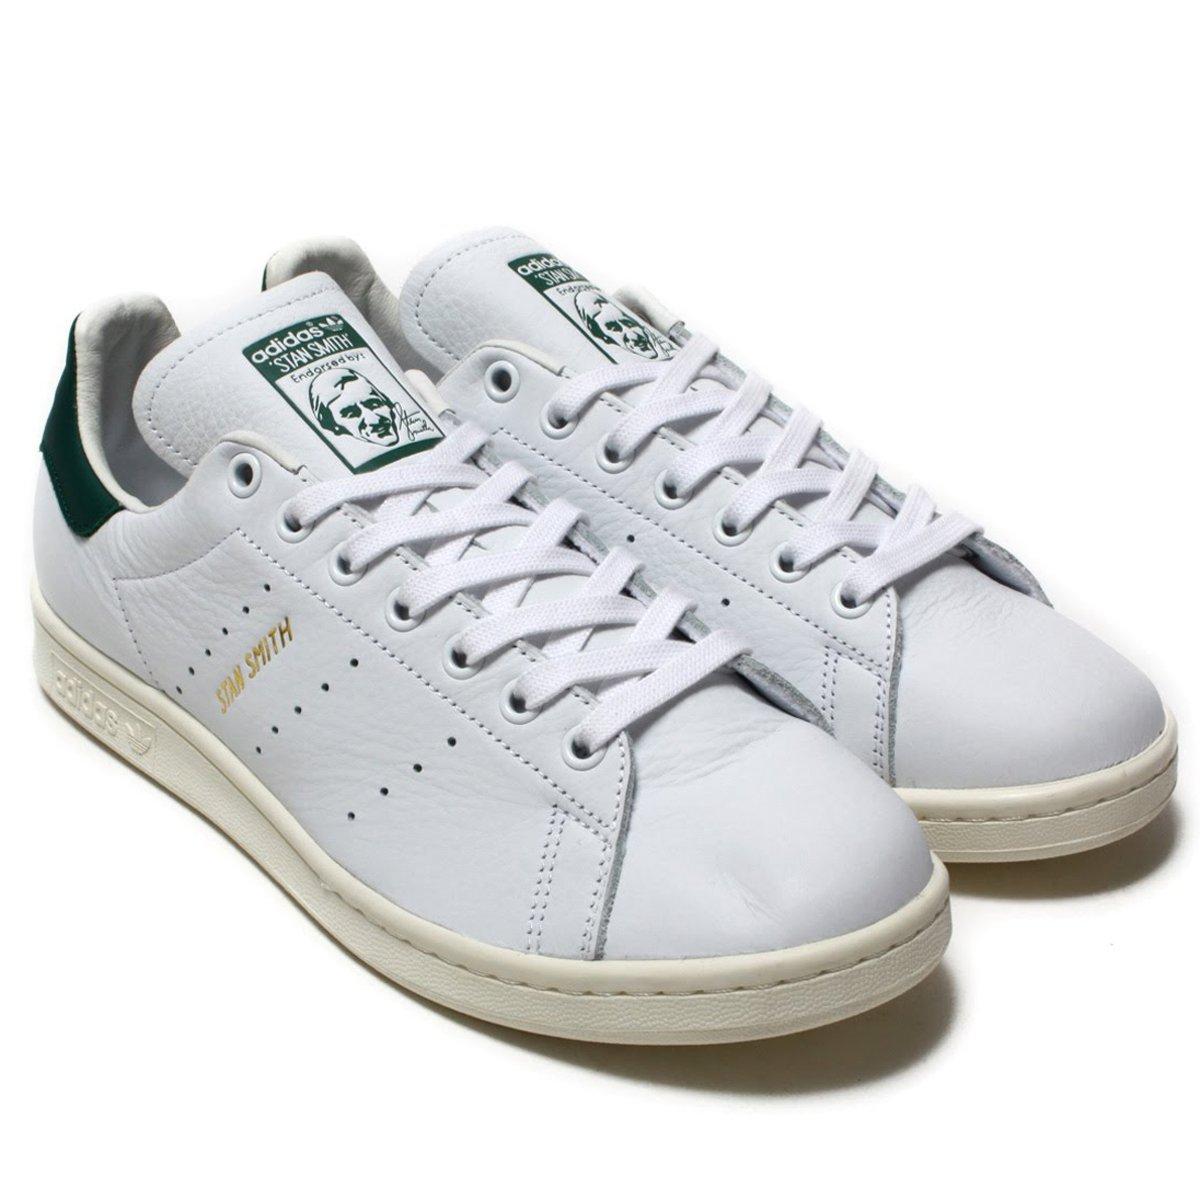 日本国内正規品 アディダス adidas オリジナルス スタンスミス 〔STAN SMITH〕 ランニングホワイト/ランニングホワイト/カレッジエイトグリーン CQ2871 B079JH1X7Y 29.5cm